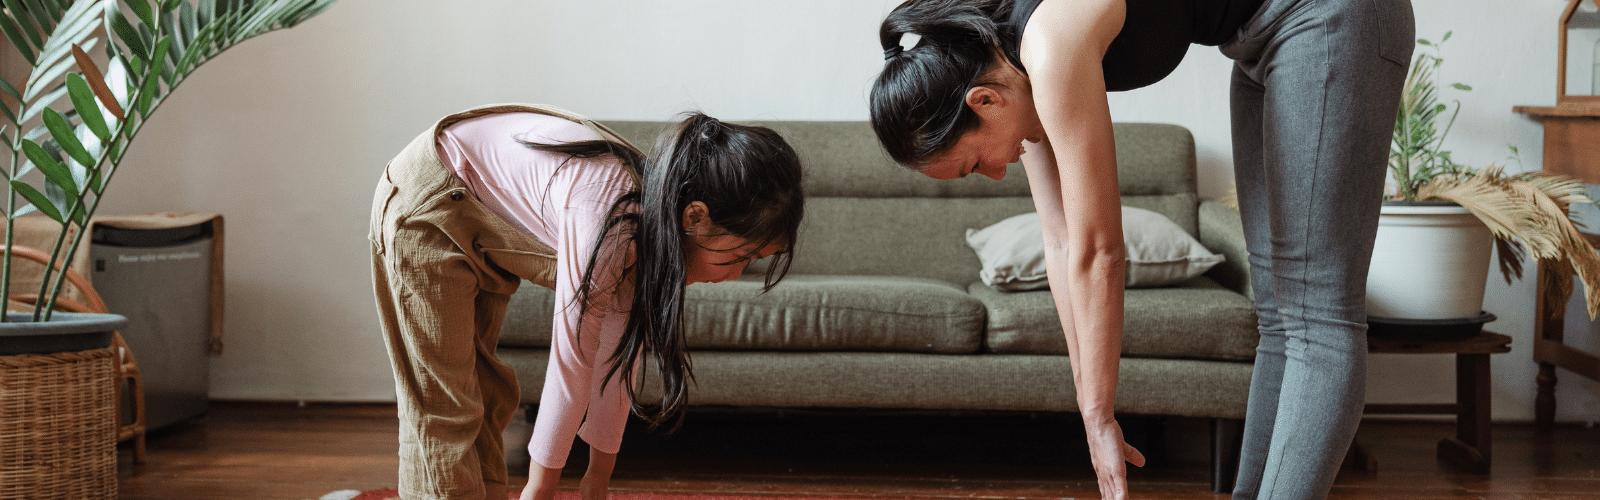 Yoga pour enfant : tout ce qu'il faut savoir pour initier votre enfant !